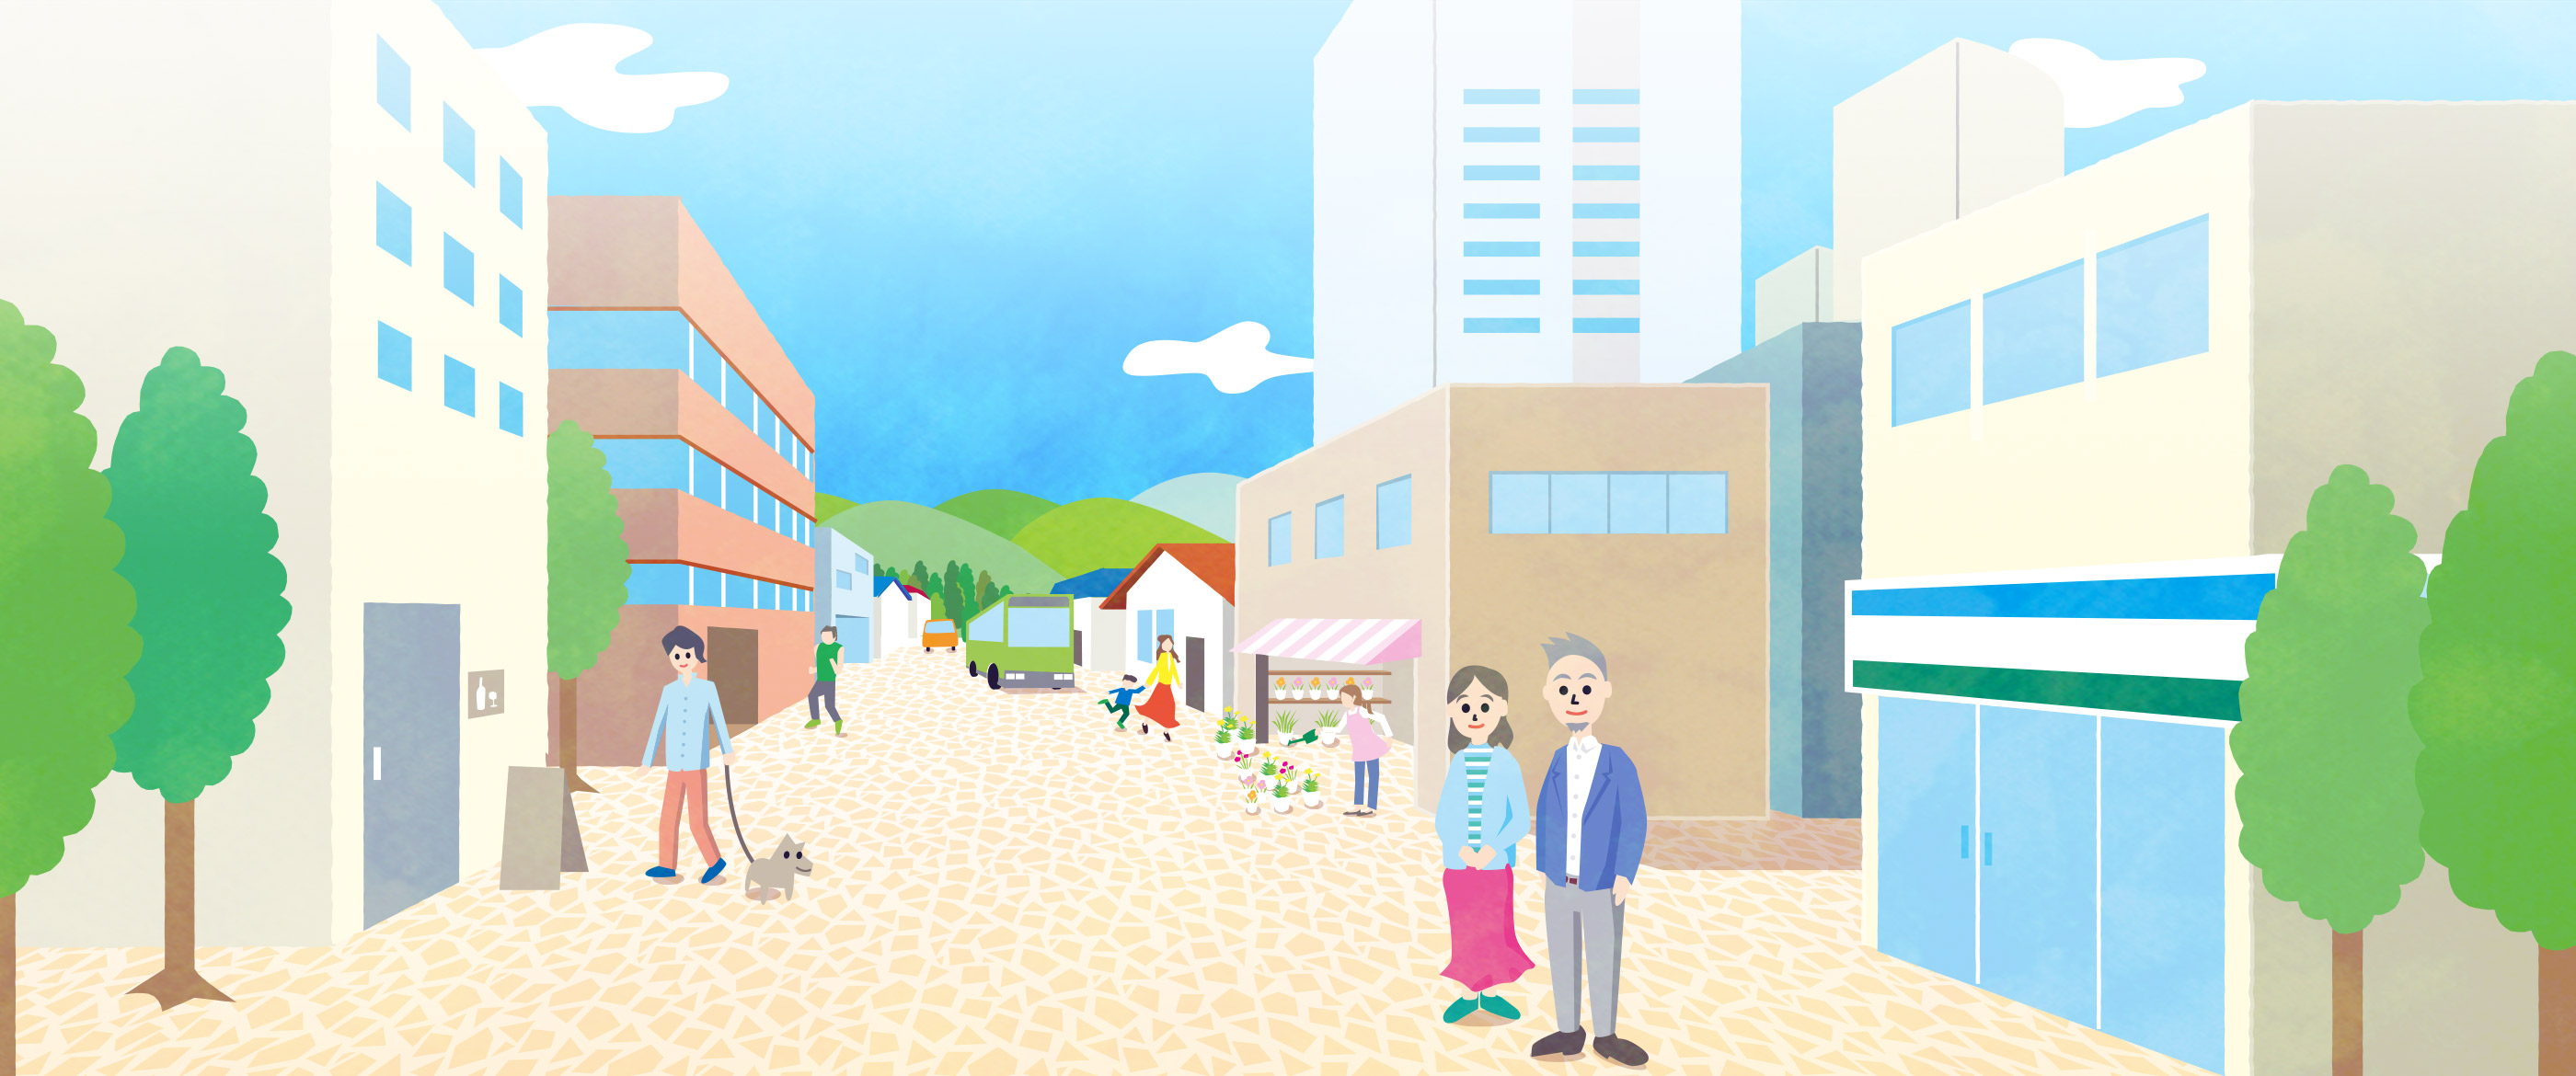 TAKEUCHI不動産(タケウチ不動産)PCトップページメインビジュアル